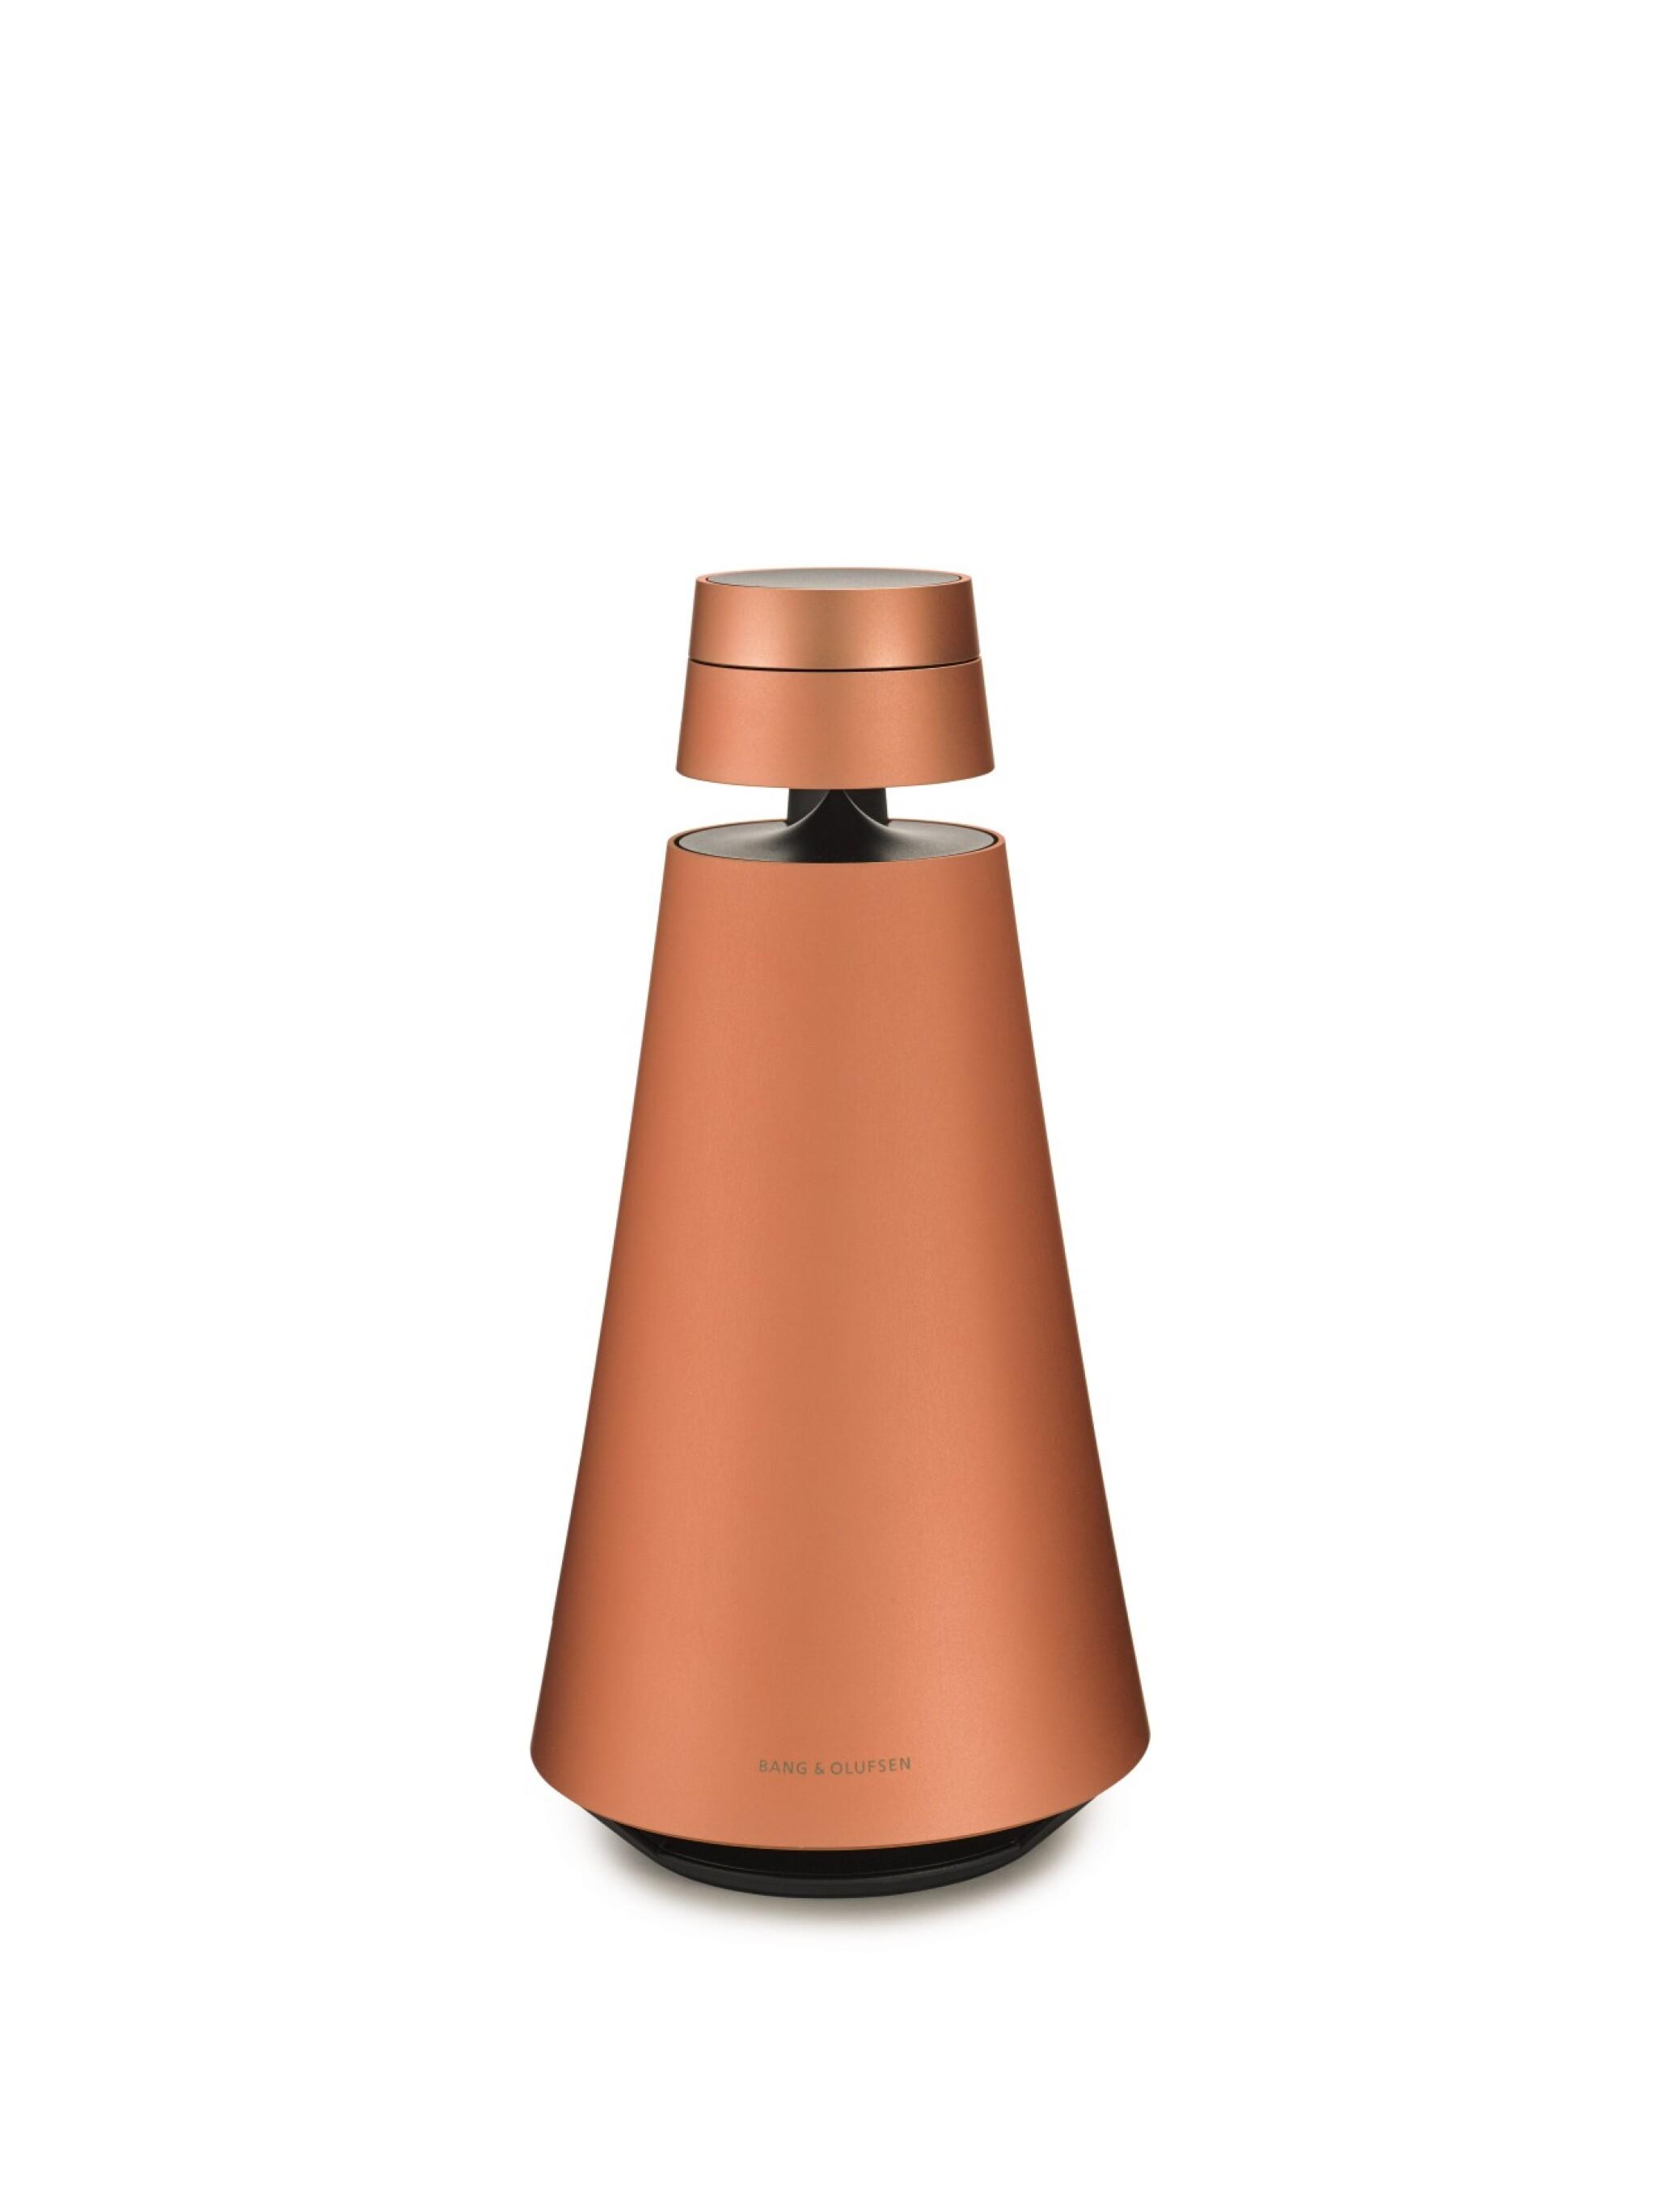 Bang & Olufsen, BeoSound 1 Wireless Speaker System, Pink